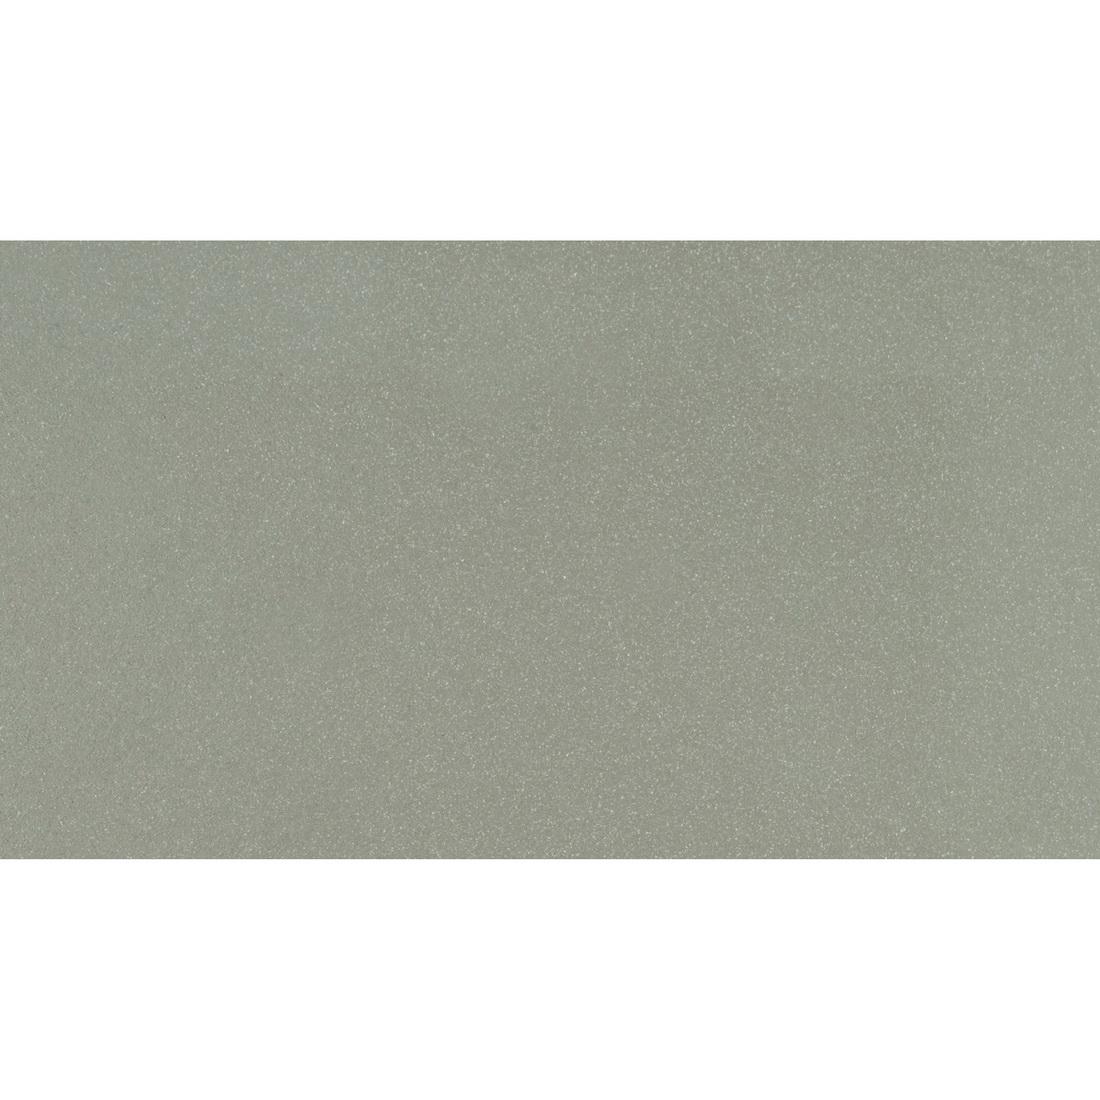 Territory Savanna 16x455x3030mm Panel Mist 2 Sheet